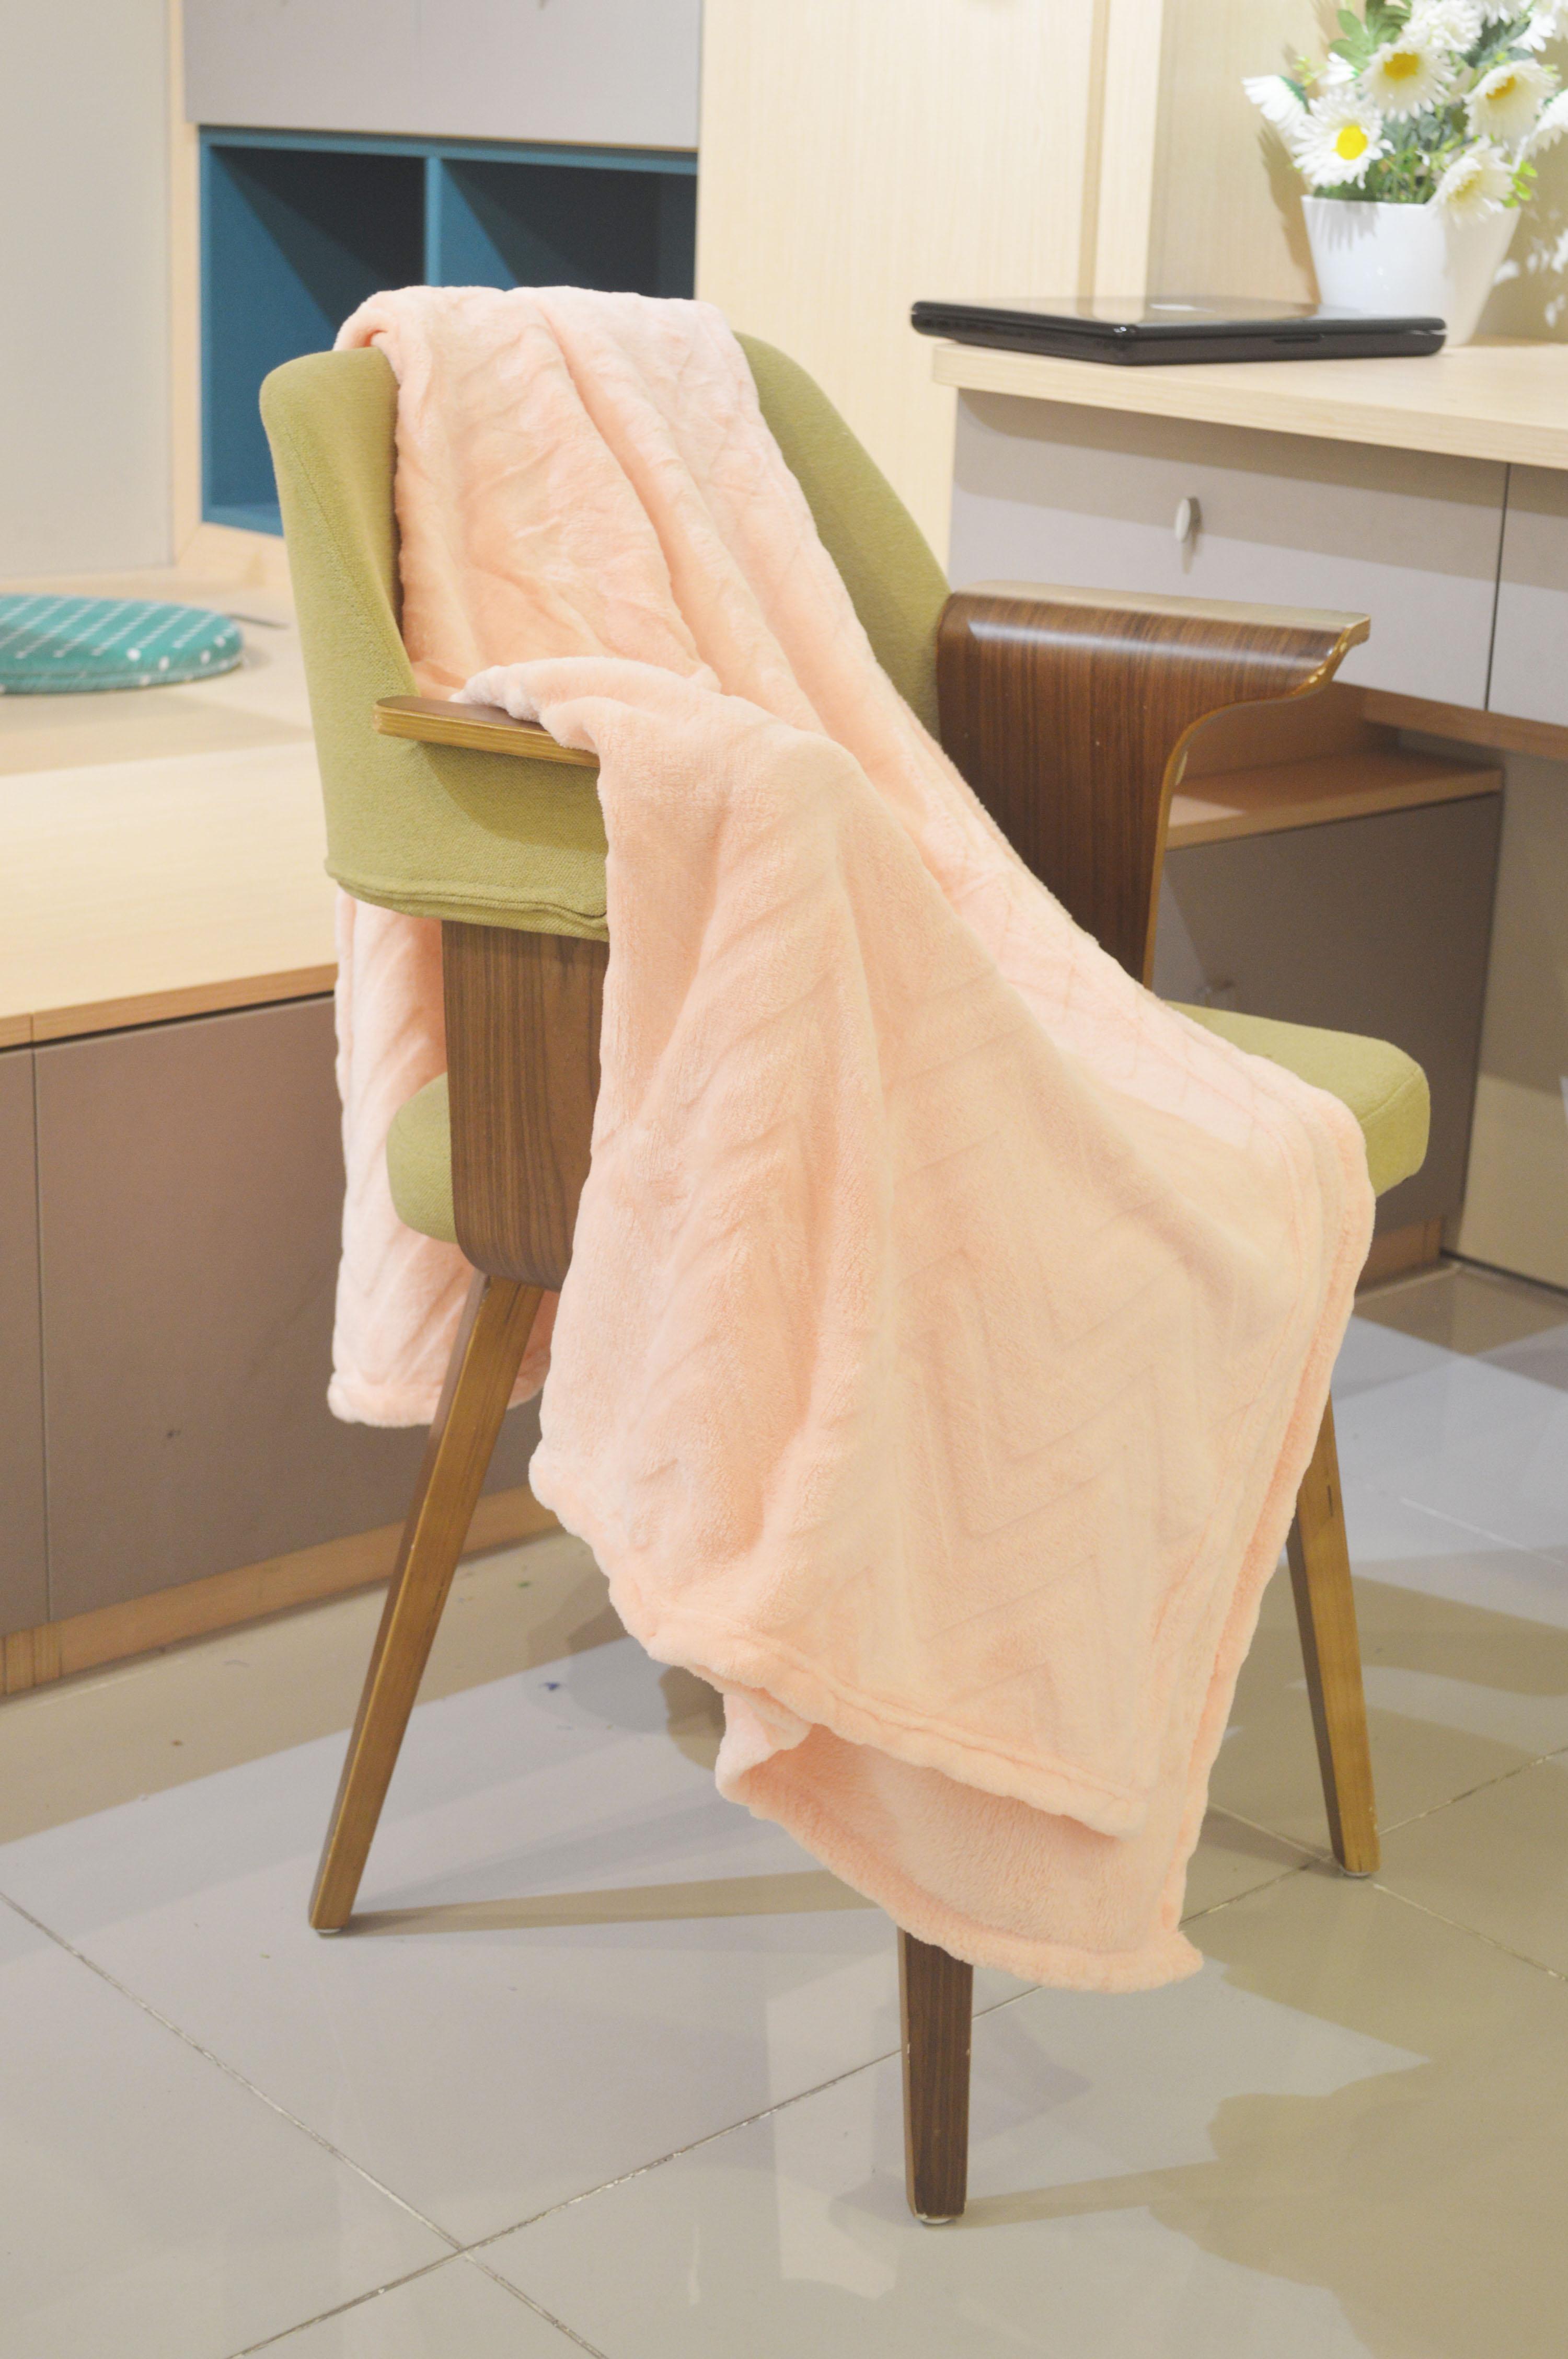 Diana Primasoft Flannel Blanket